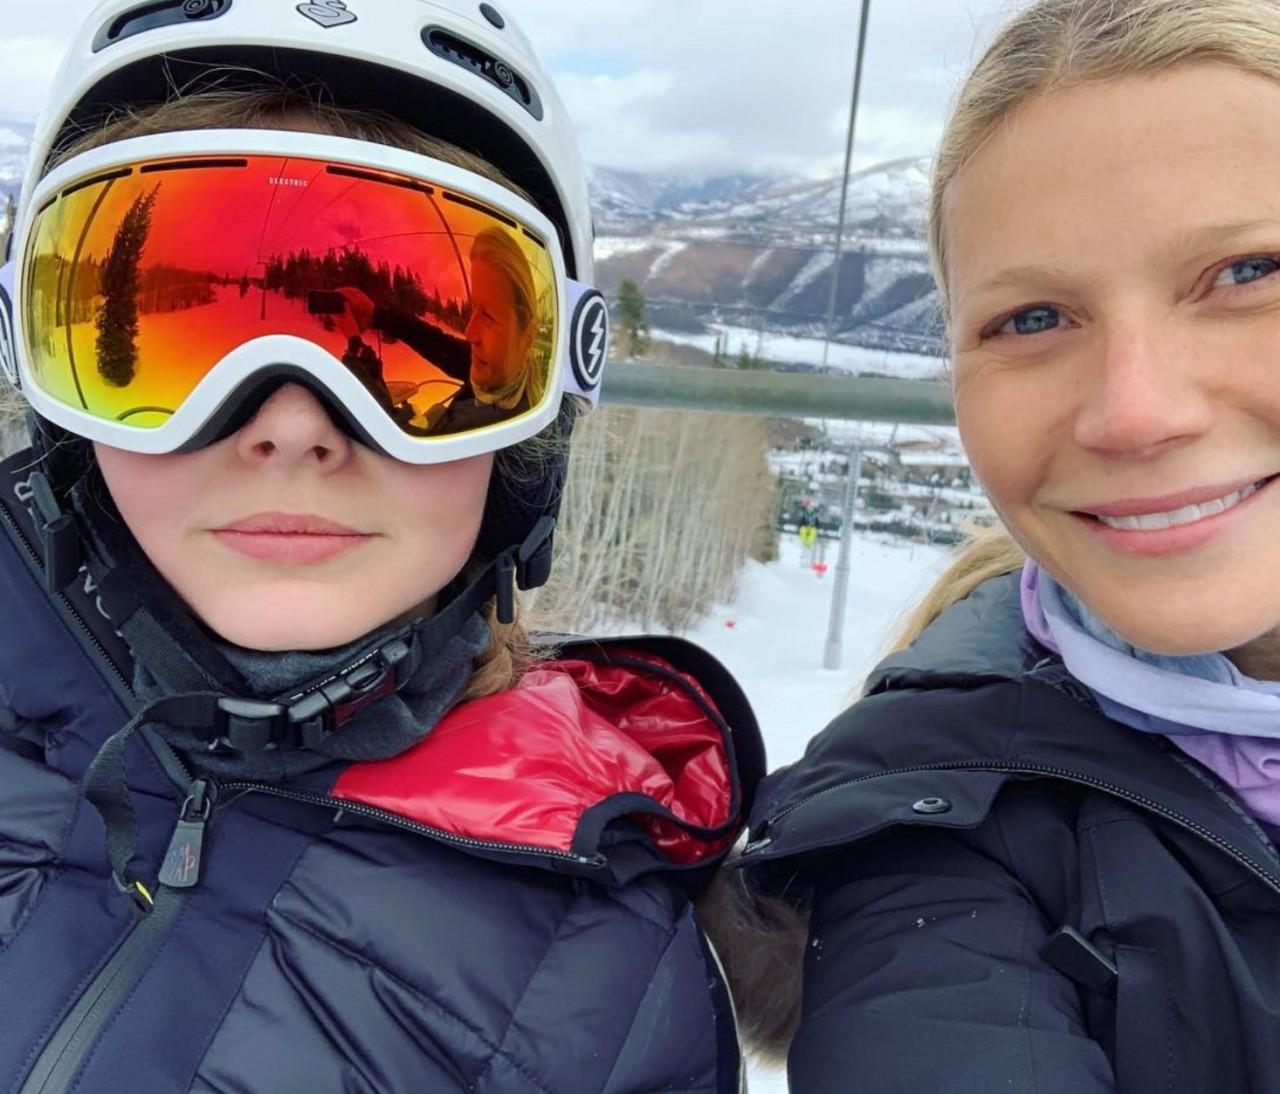 Дочки-матери: обмен комментариями между Гвинет Пэлтроу и ее дочерью Эппл вызвал целую бурю обсуждений о конфиденциальности